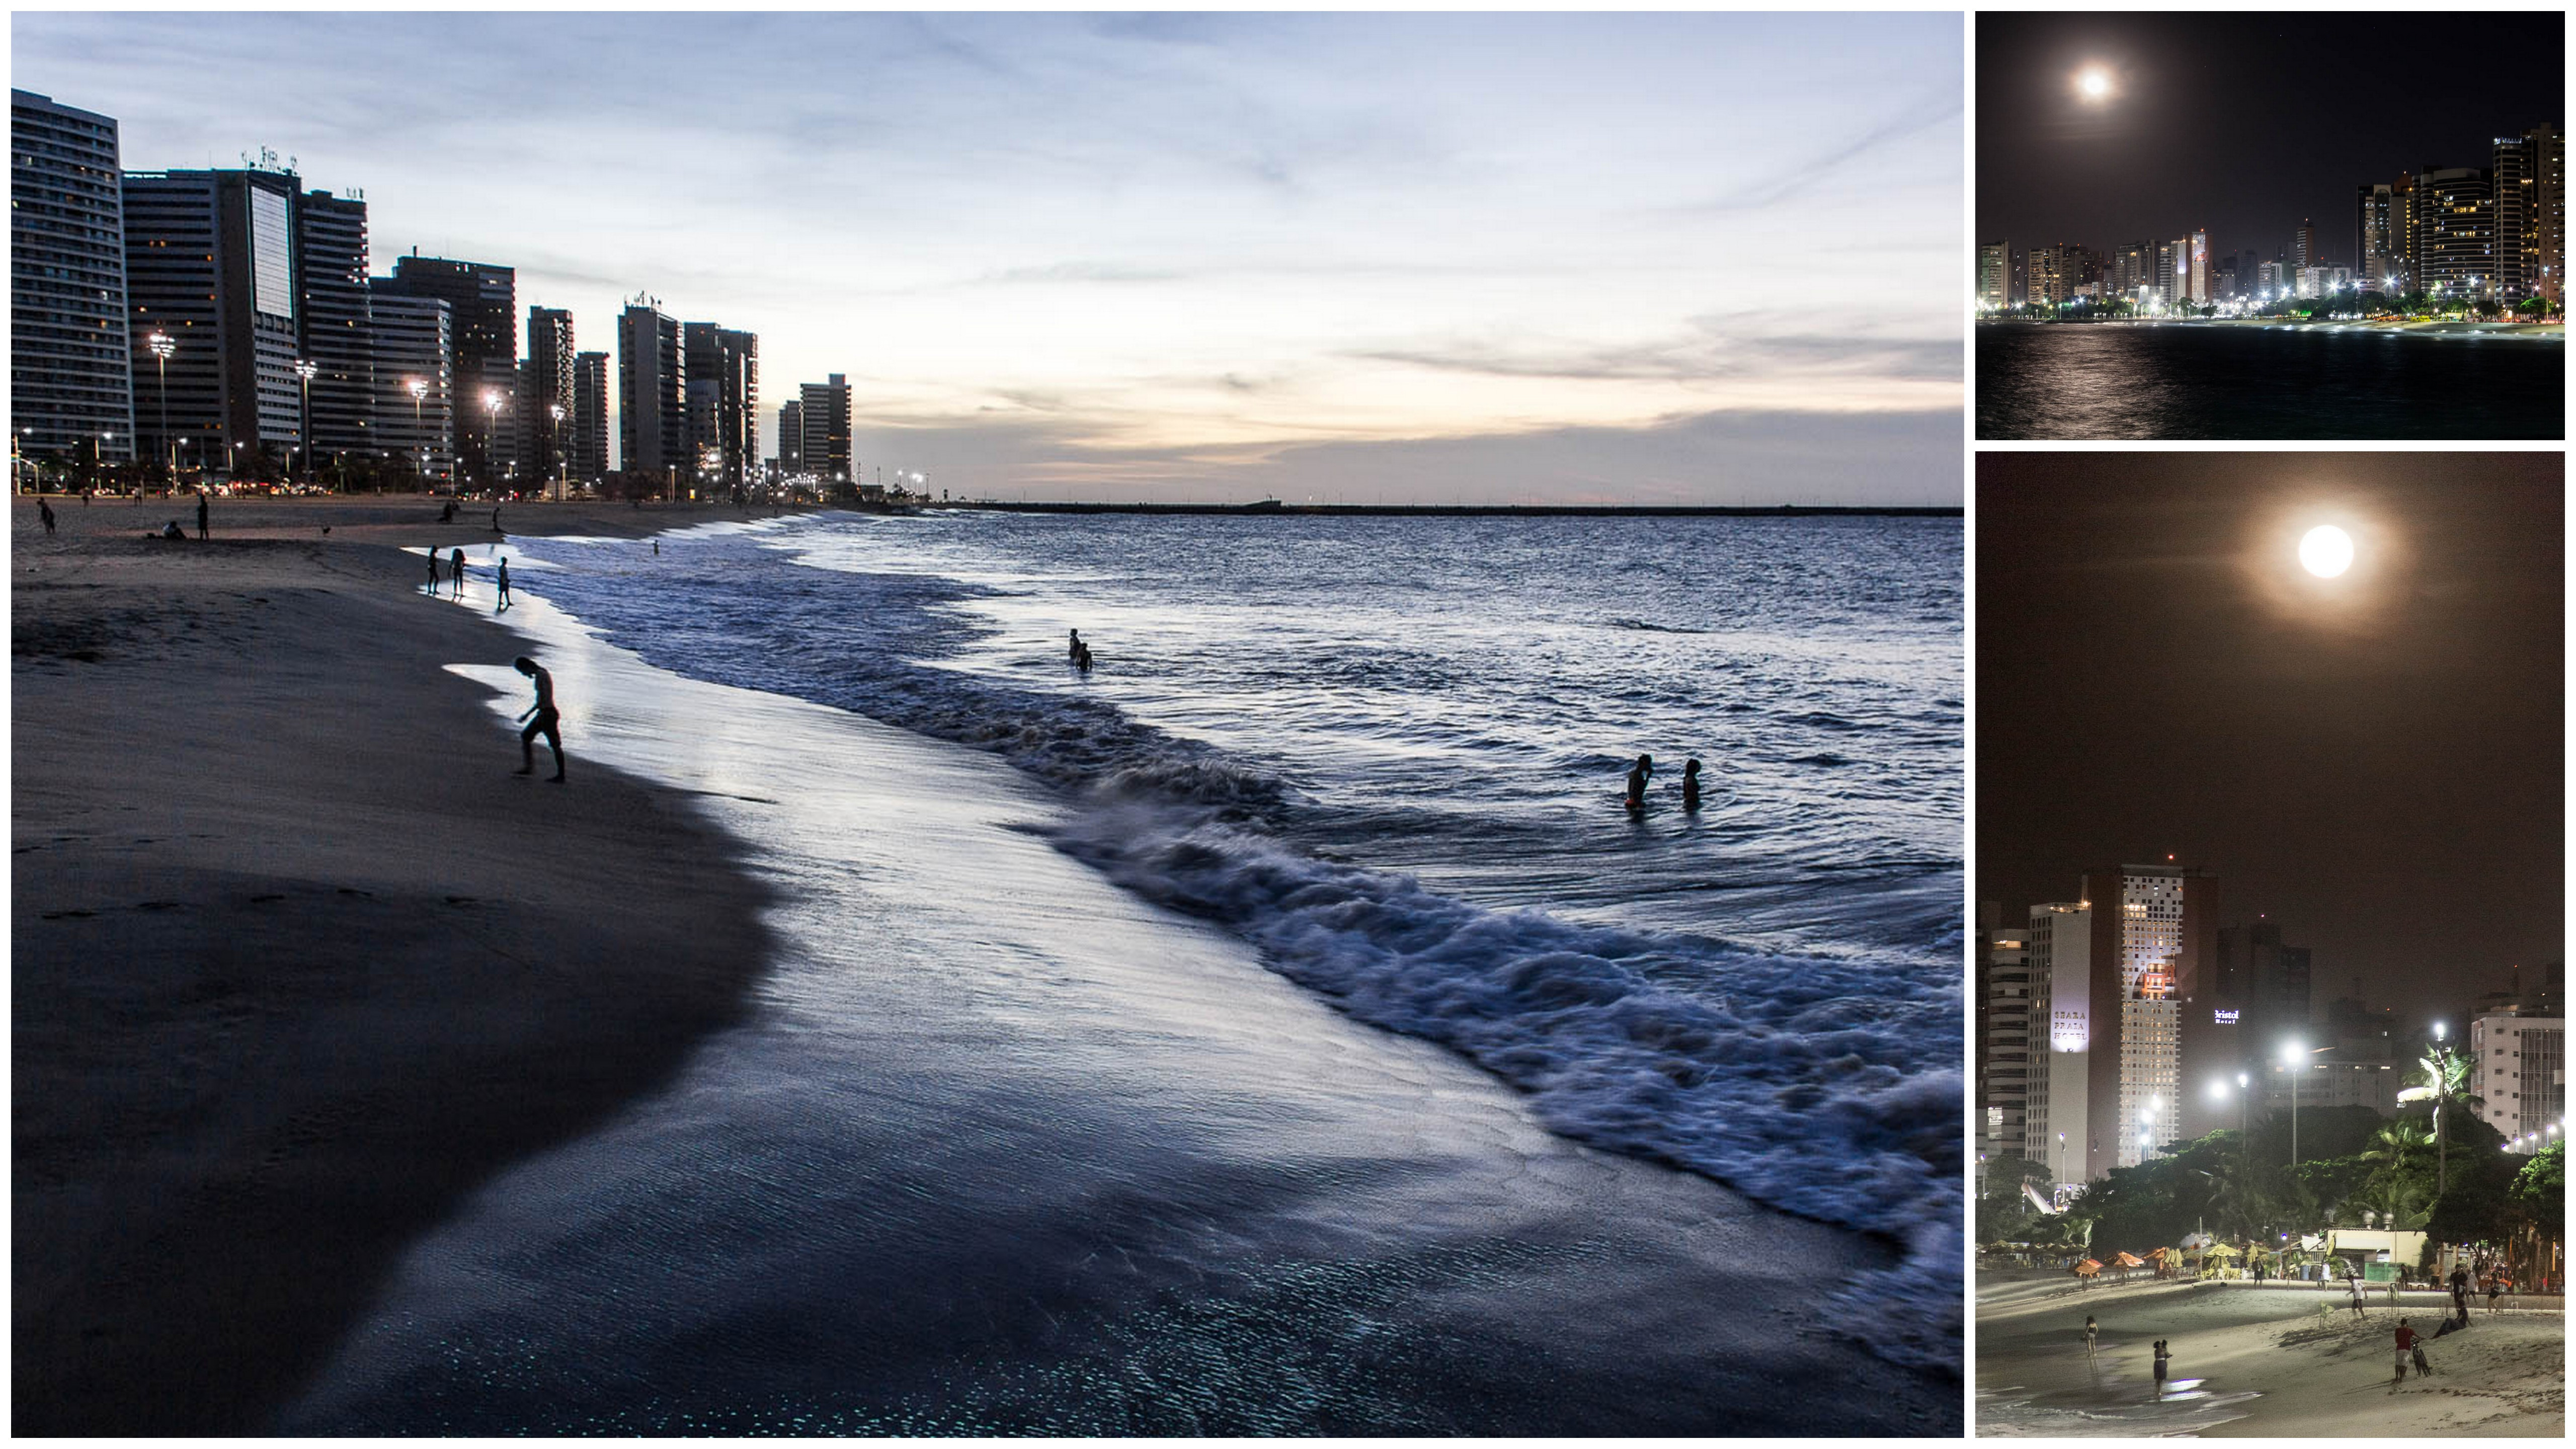 Plage de Fortaleza après le coucher du soleil - Route des Sensations